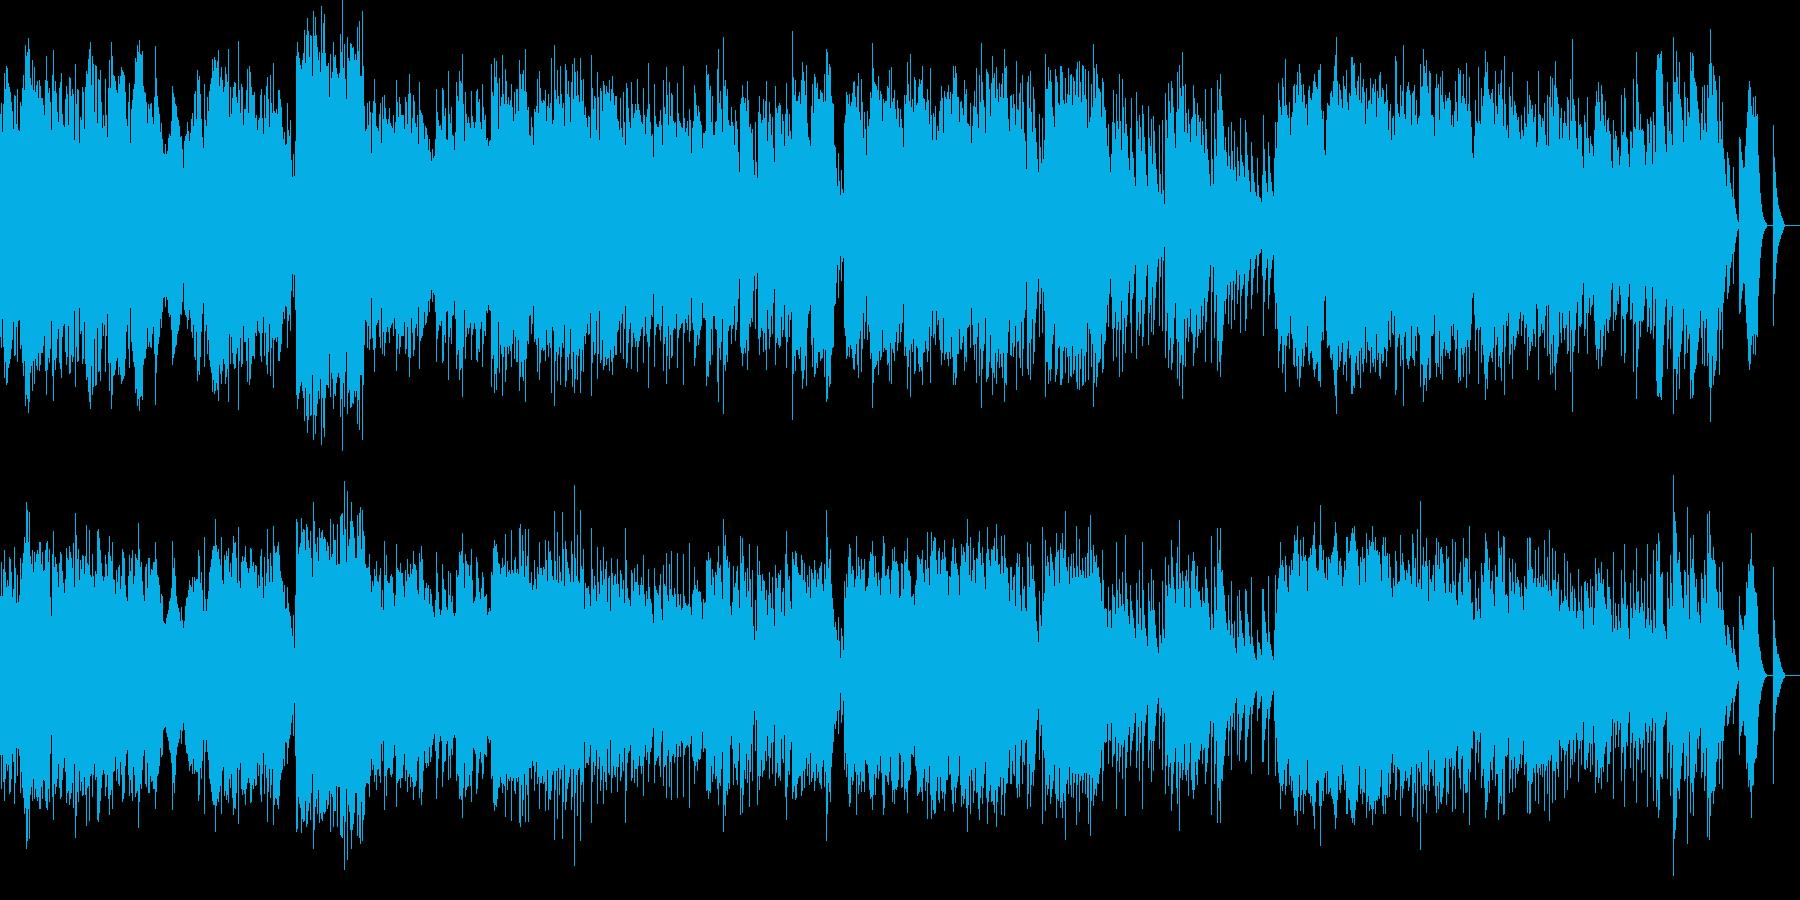 ベルガマスク組曲 メヌエット オルゴールの再生済みの波形